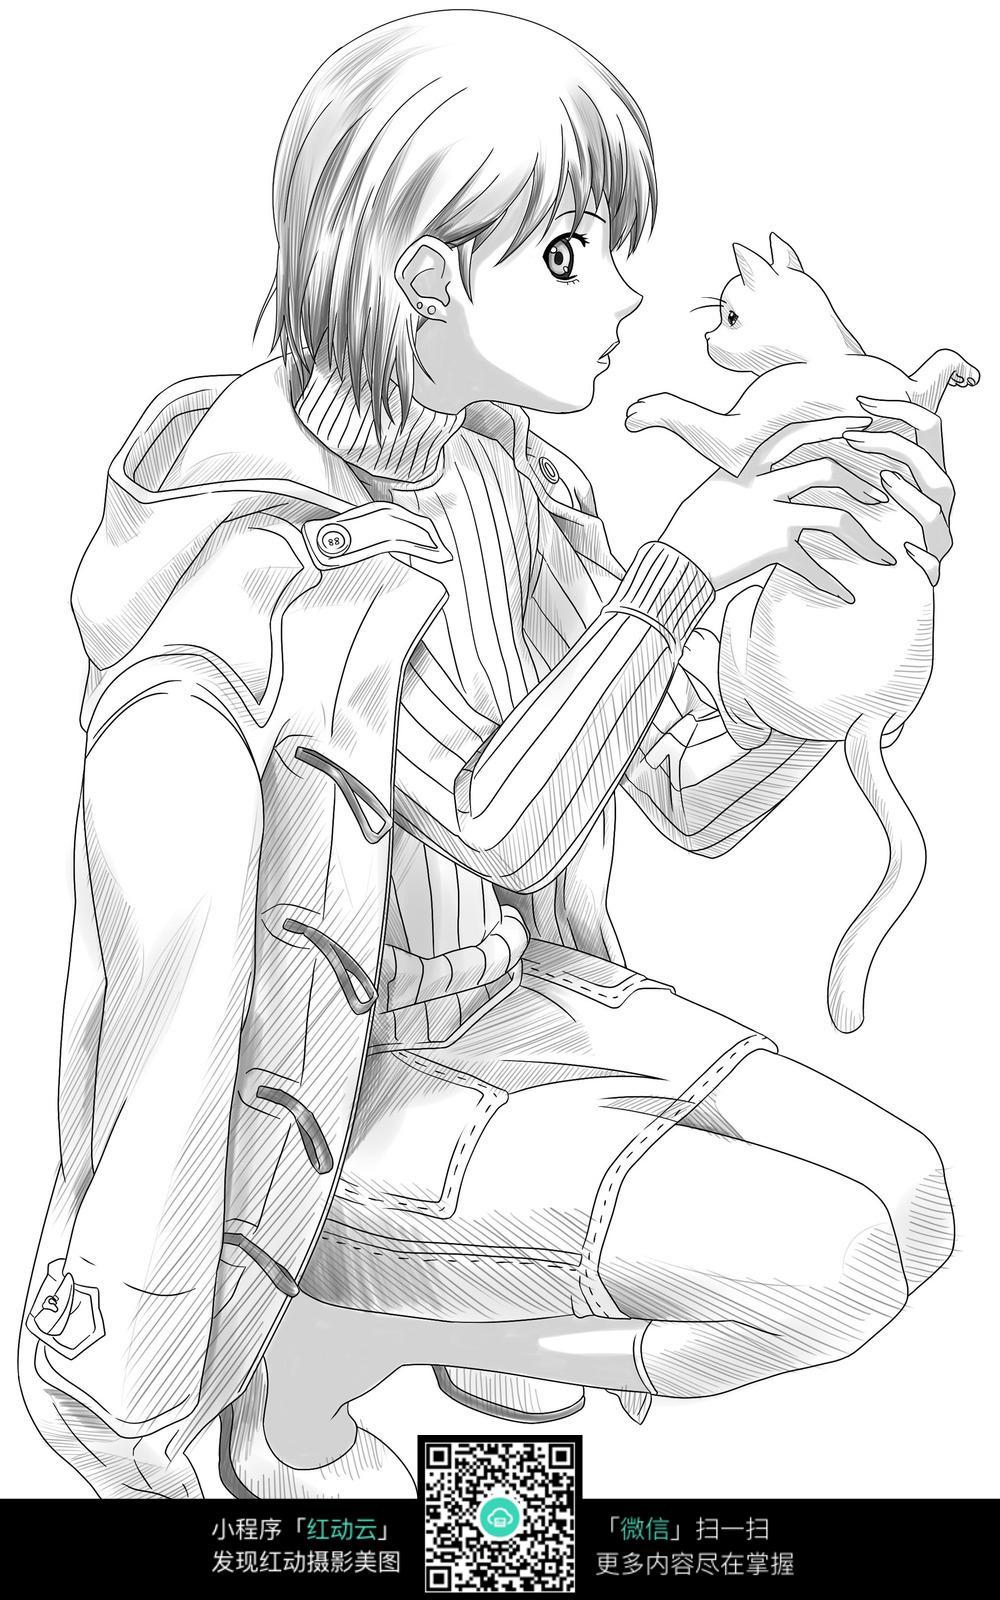 抱着猫咪的线条女孩